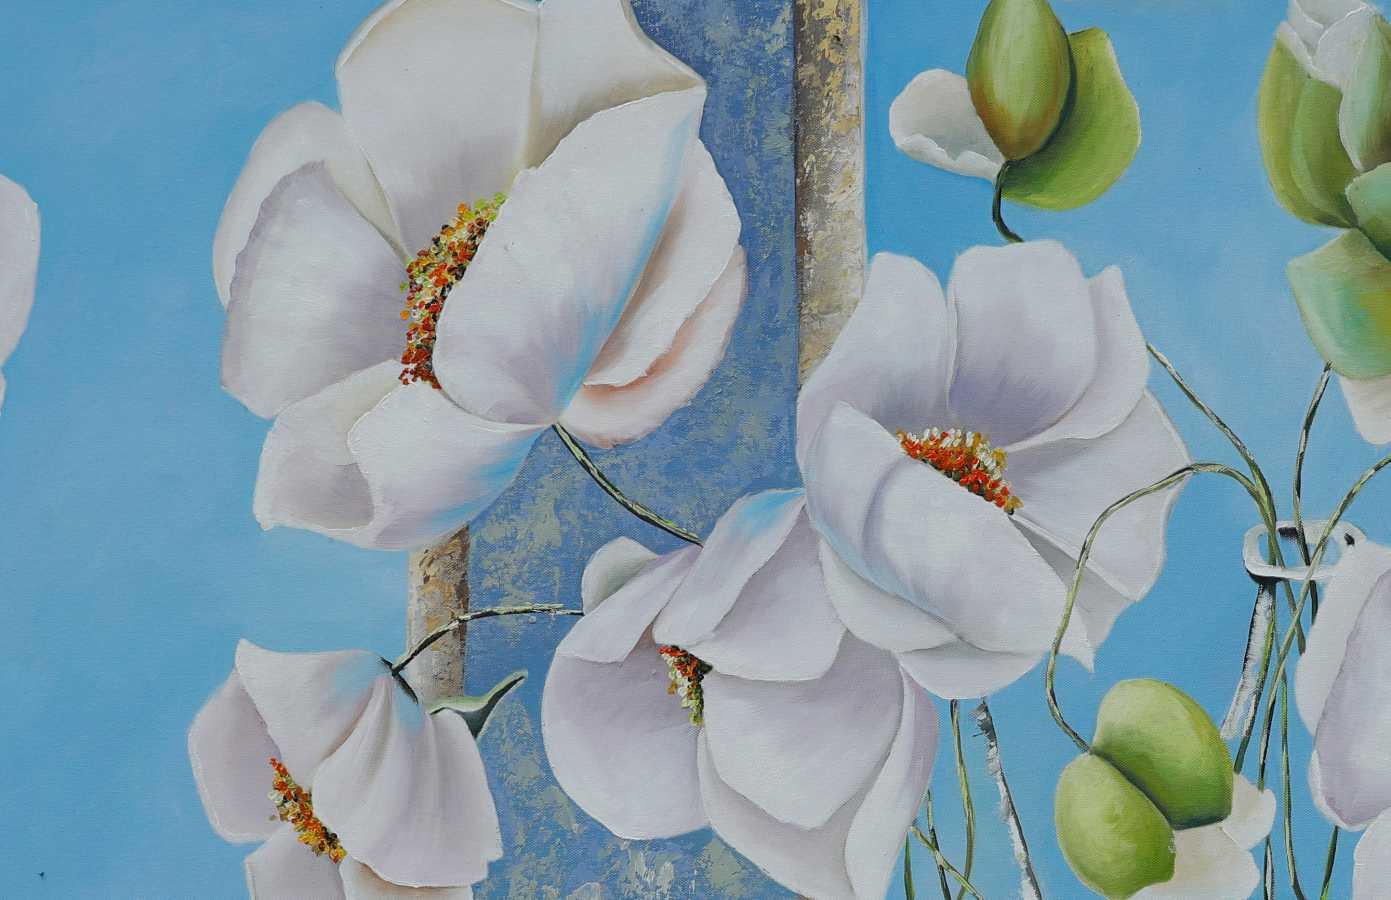 tranh hoa popy treo phong khach nhe nhang tuoi sang